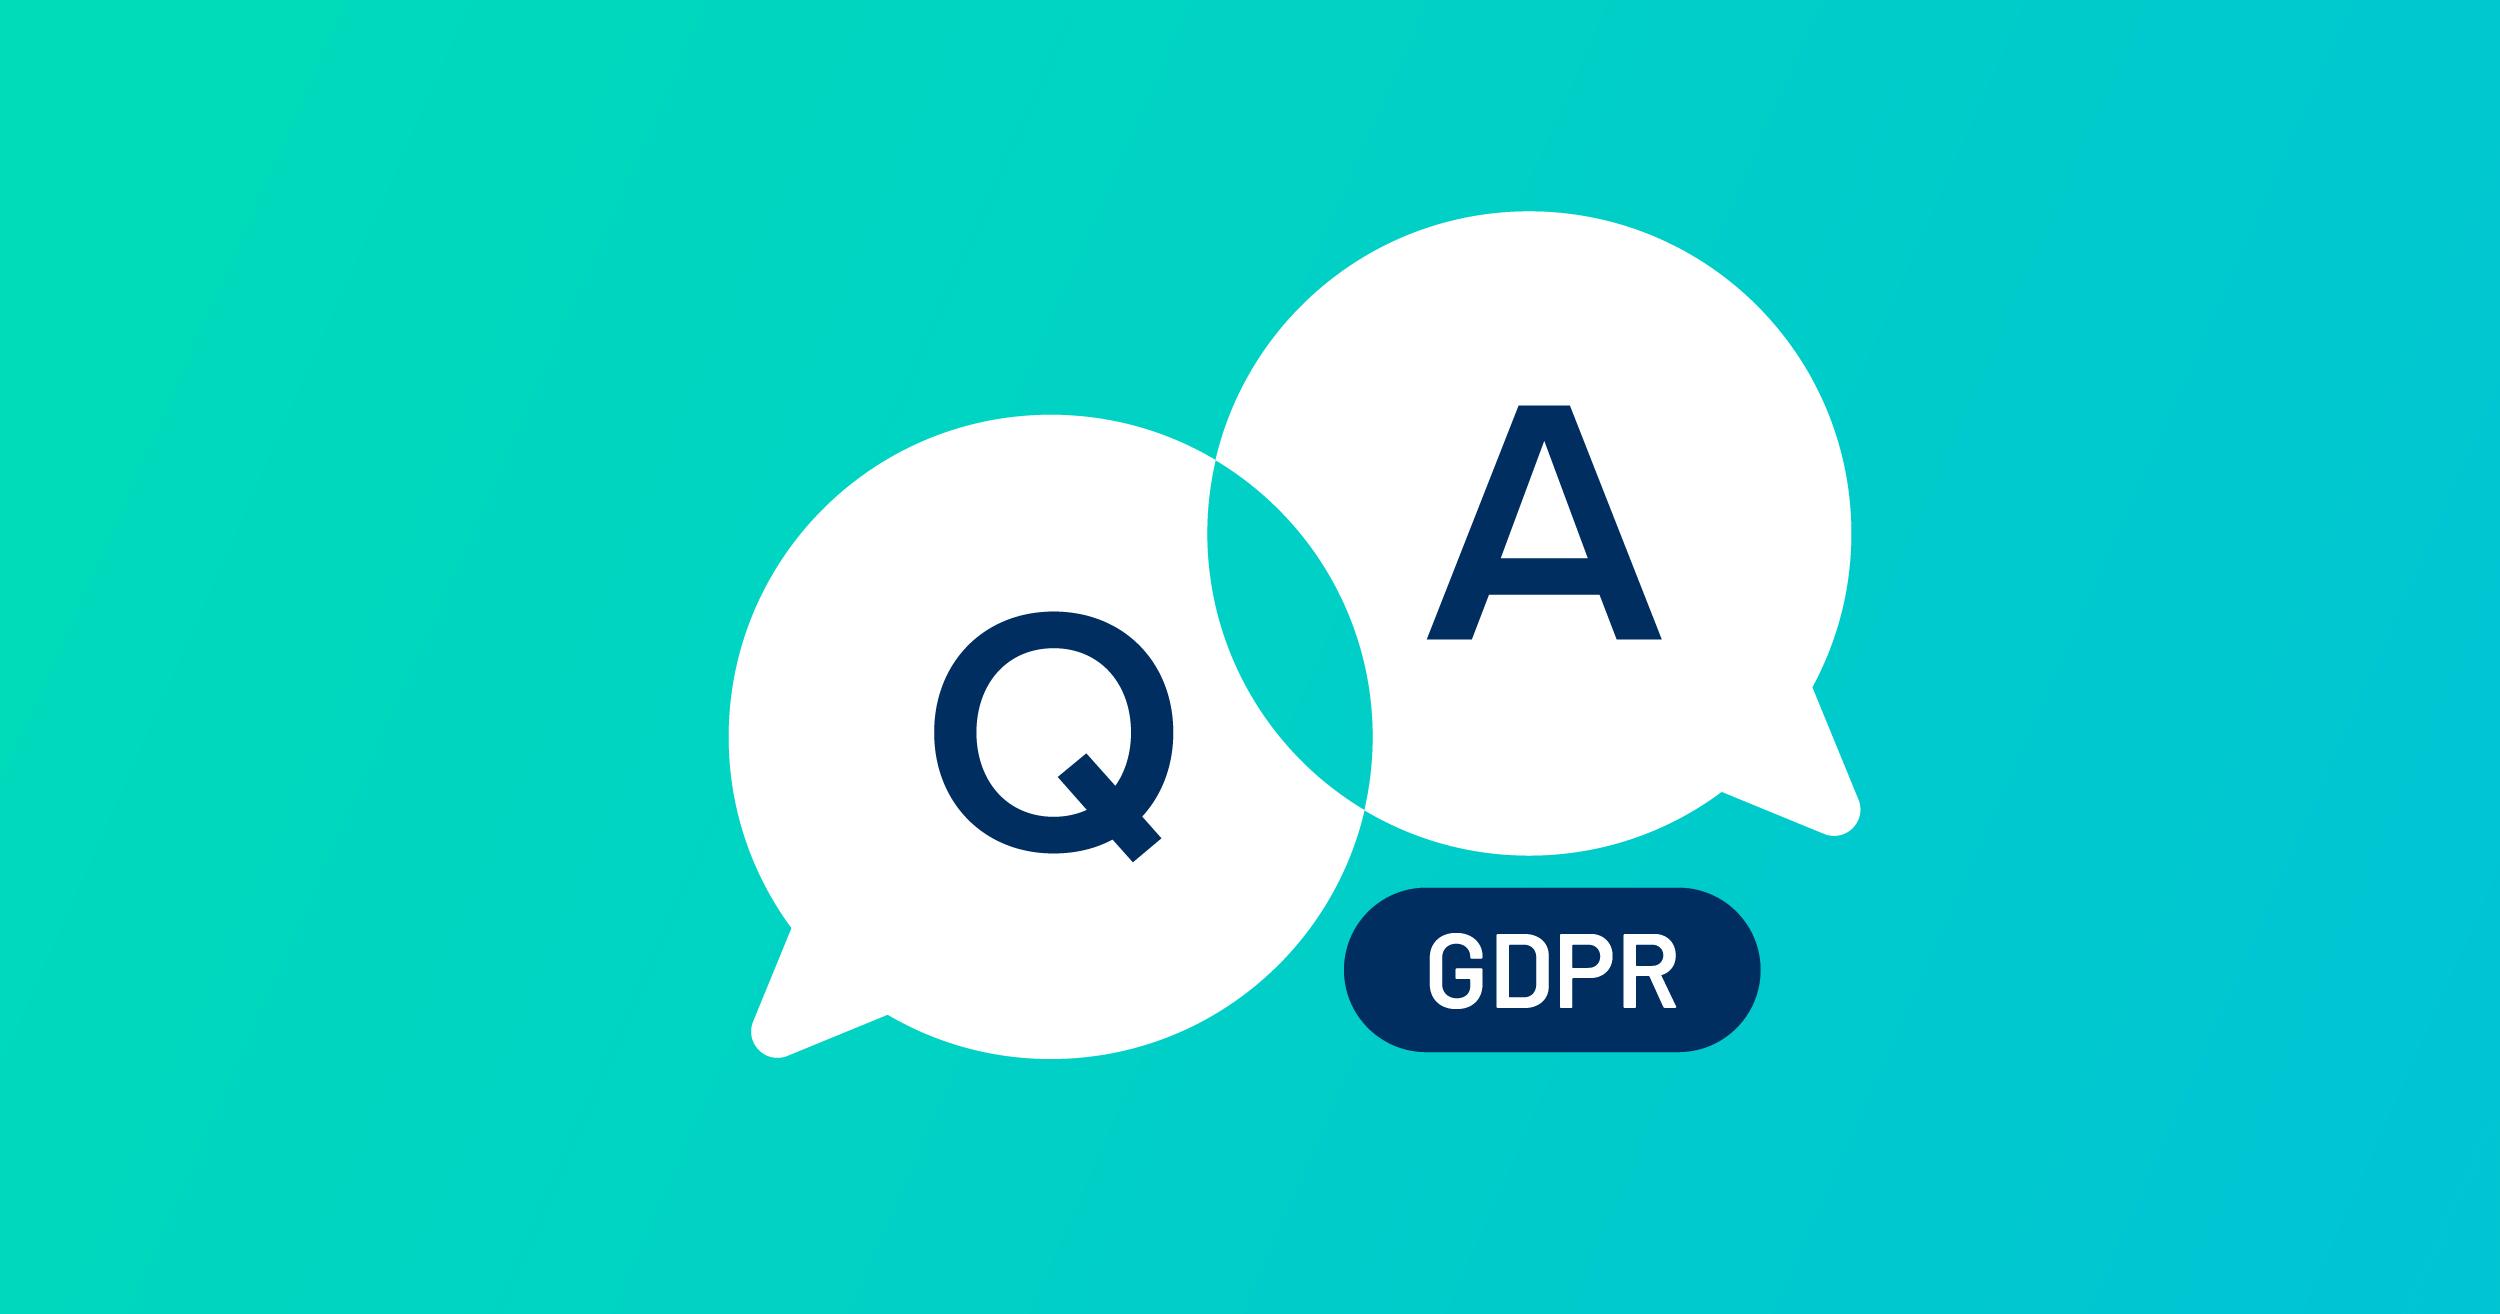 GDPR-spørgsmål besvaret